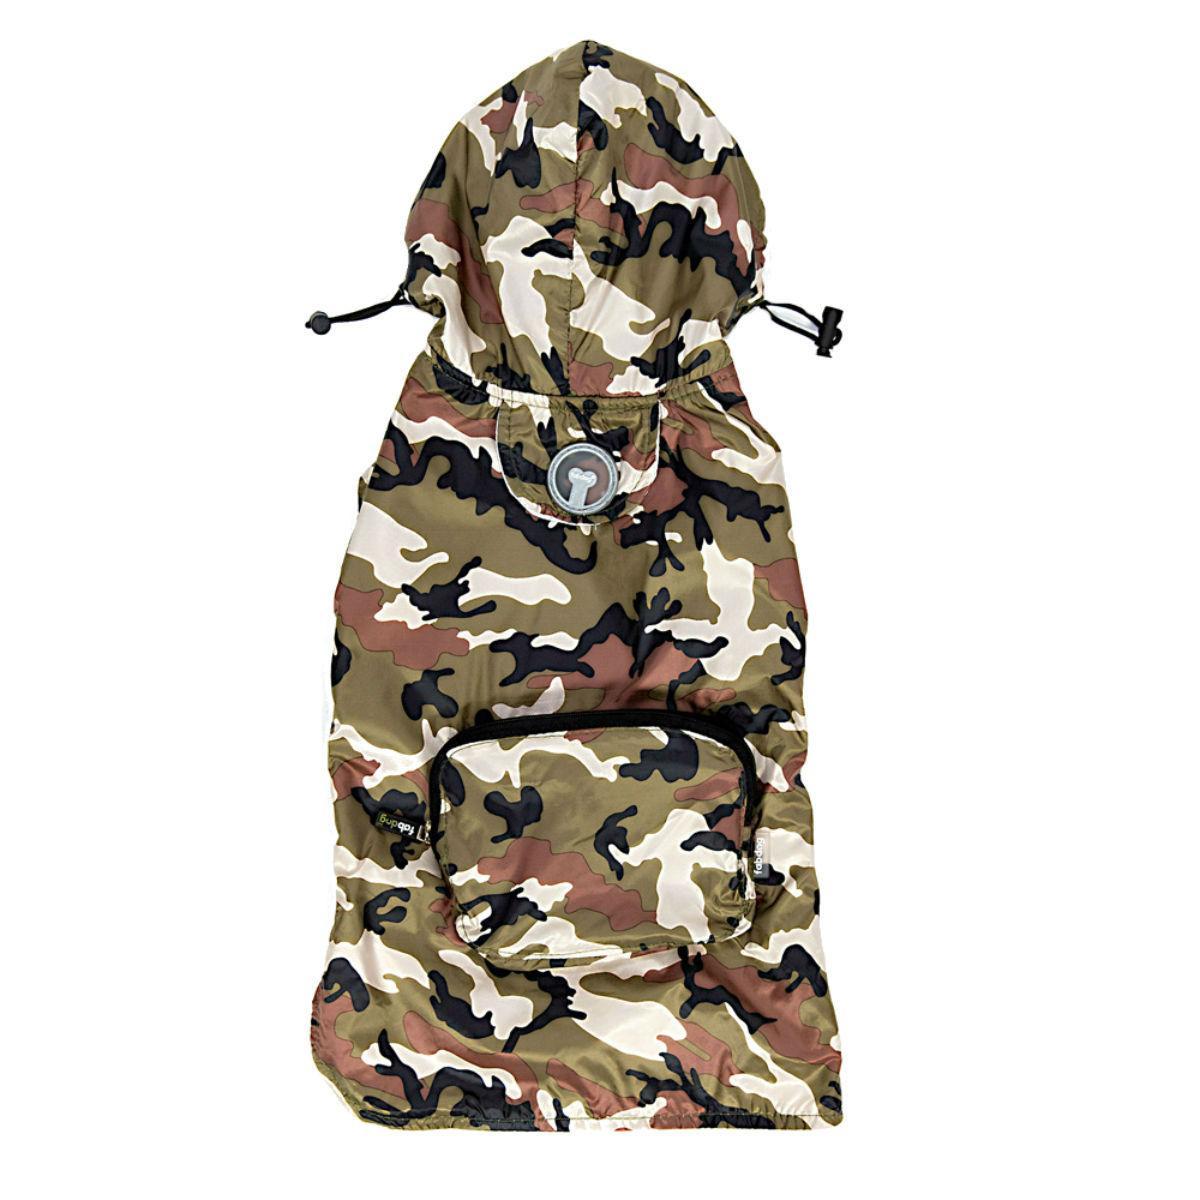 fabdog® Pocket Fold Up Dog Raincoat - Green Camouflage